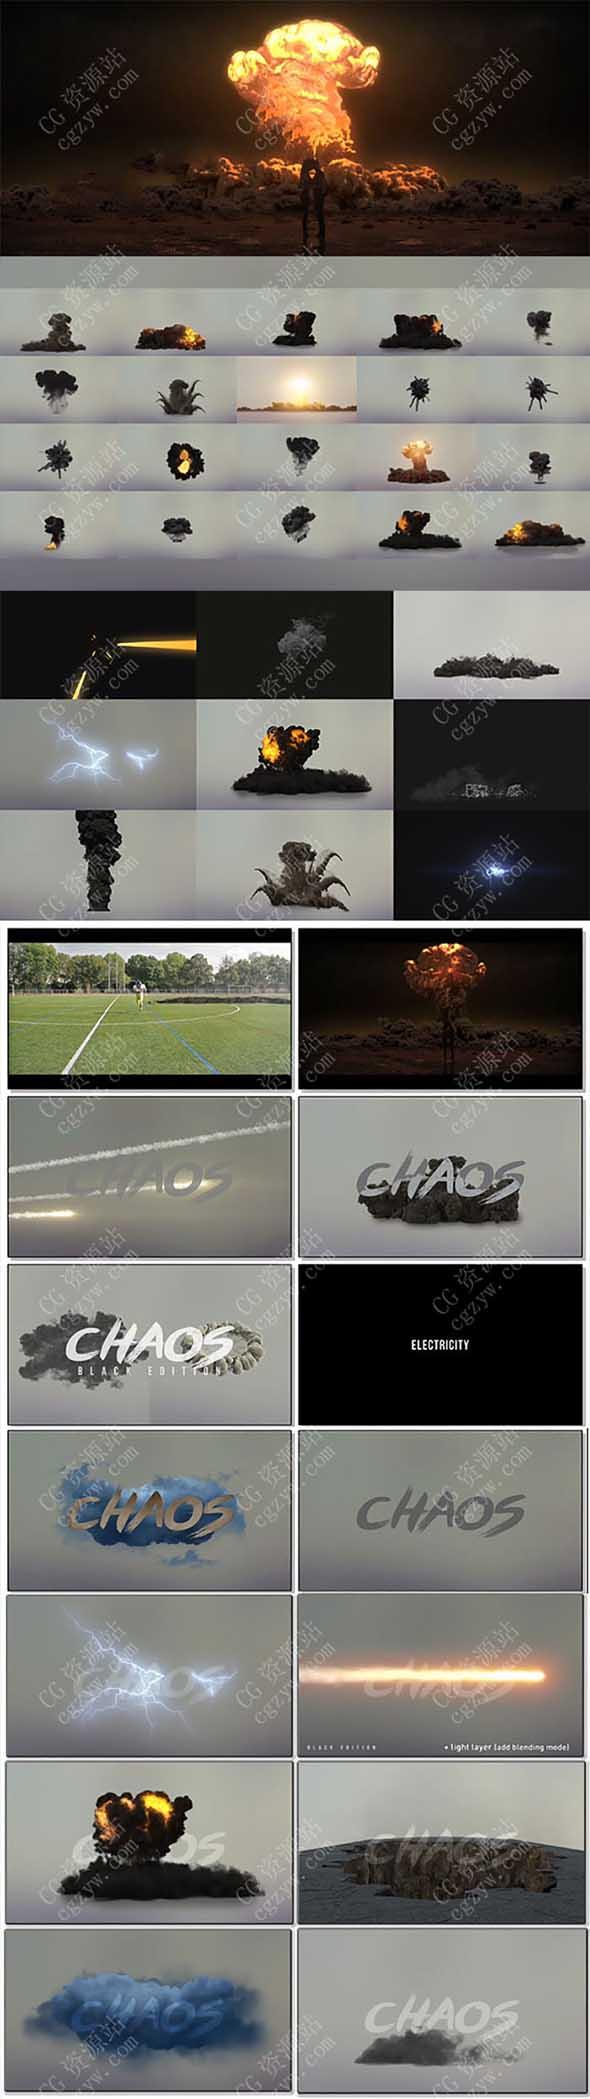 视频素材-火焰闪电电流烟雾倒塌爆炸流星子弹穿梭特效合成素材CHAOS(更新)